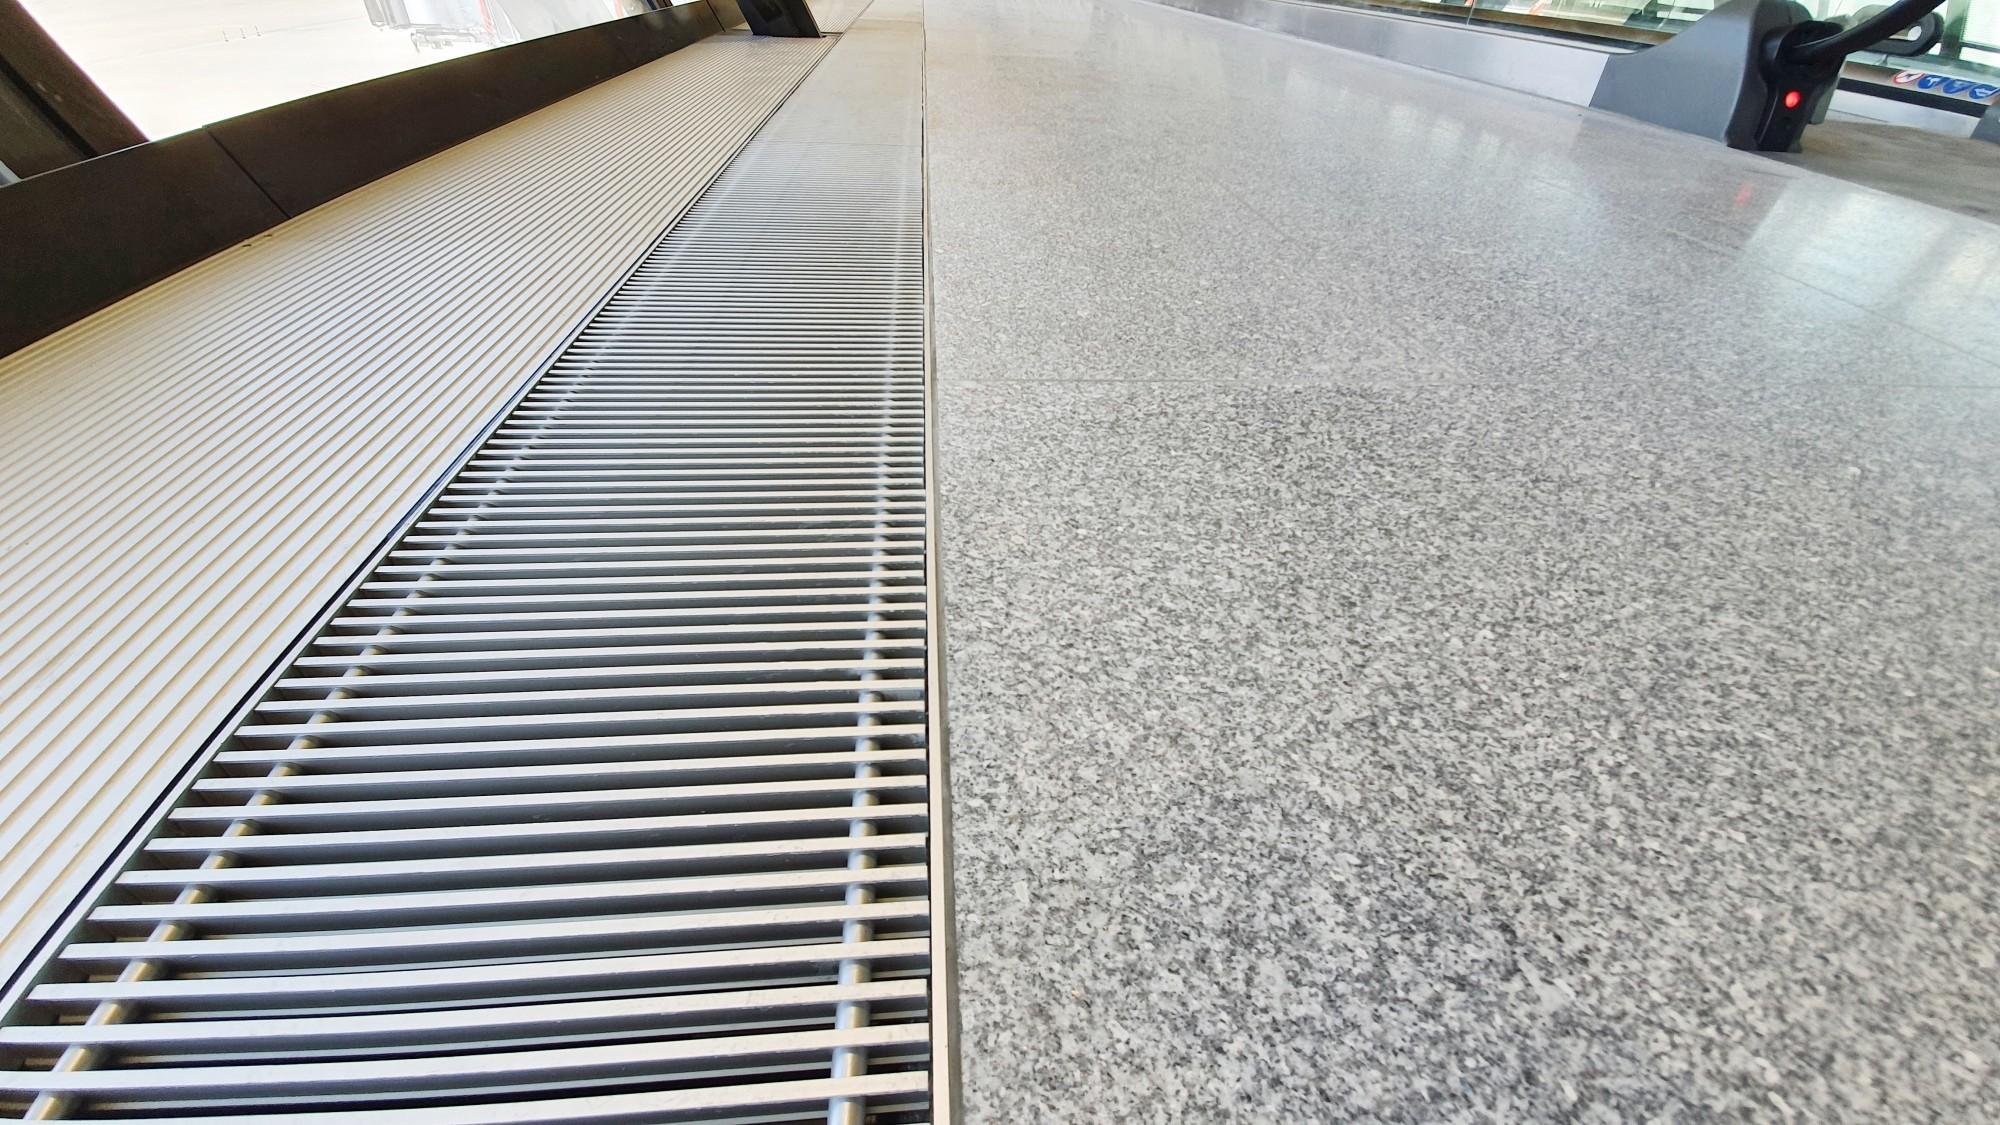 CTous les sols de l'Aile Est, quelque 20'000 m2, sont recouverts de granit et cachent un plancher technique qui doit résister à de fortes sollicitations. Afin de garantir un collage parfait des dalles sur le plancher technique, les spécialistes de Cermix